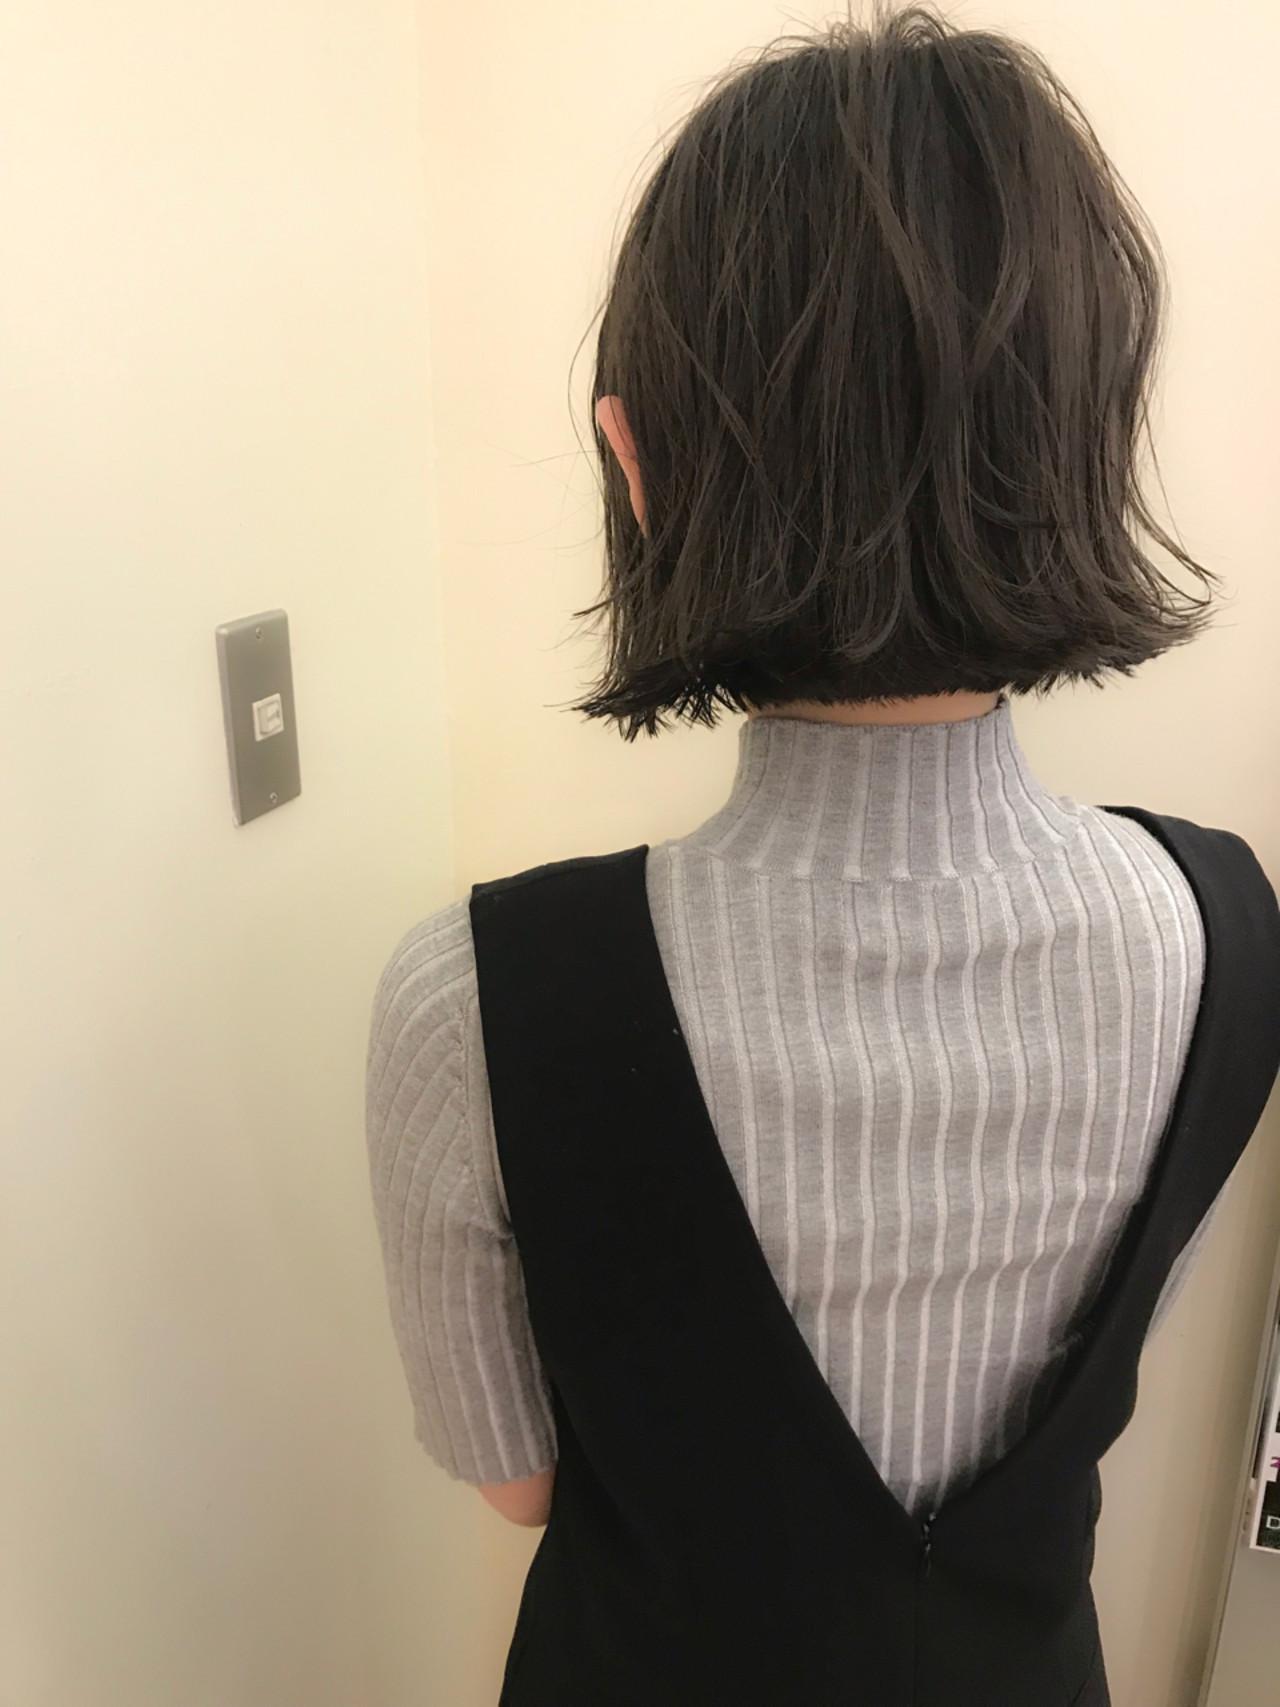 ゆるふわ ハイライト ロブ デート ヘアスタイルや髪型の写真・画像 | yumiko/sapporoSKNOW / SKNOW